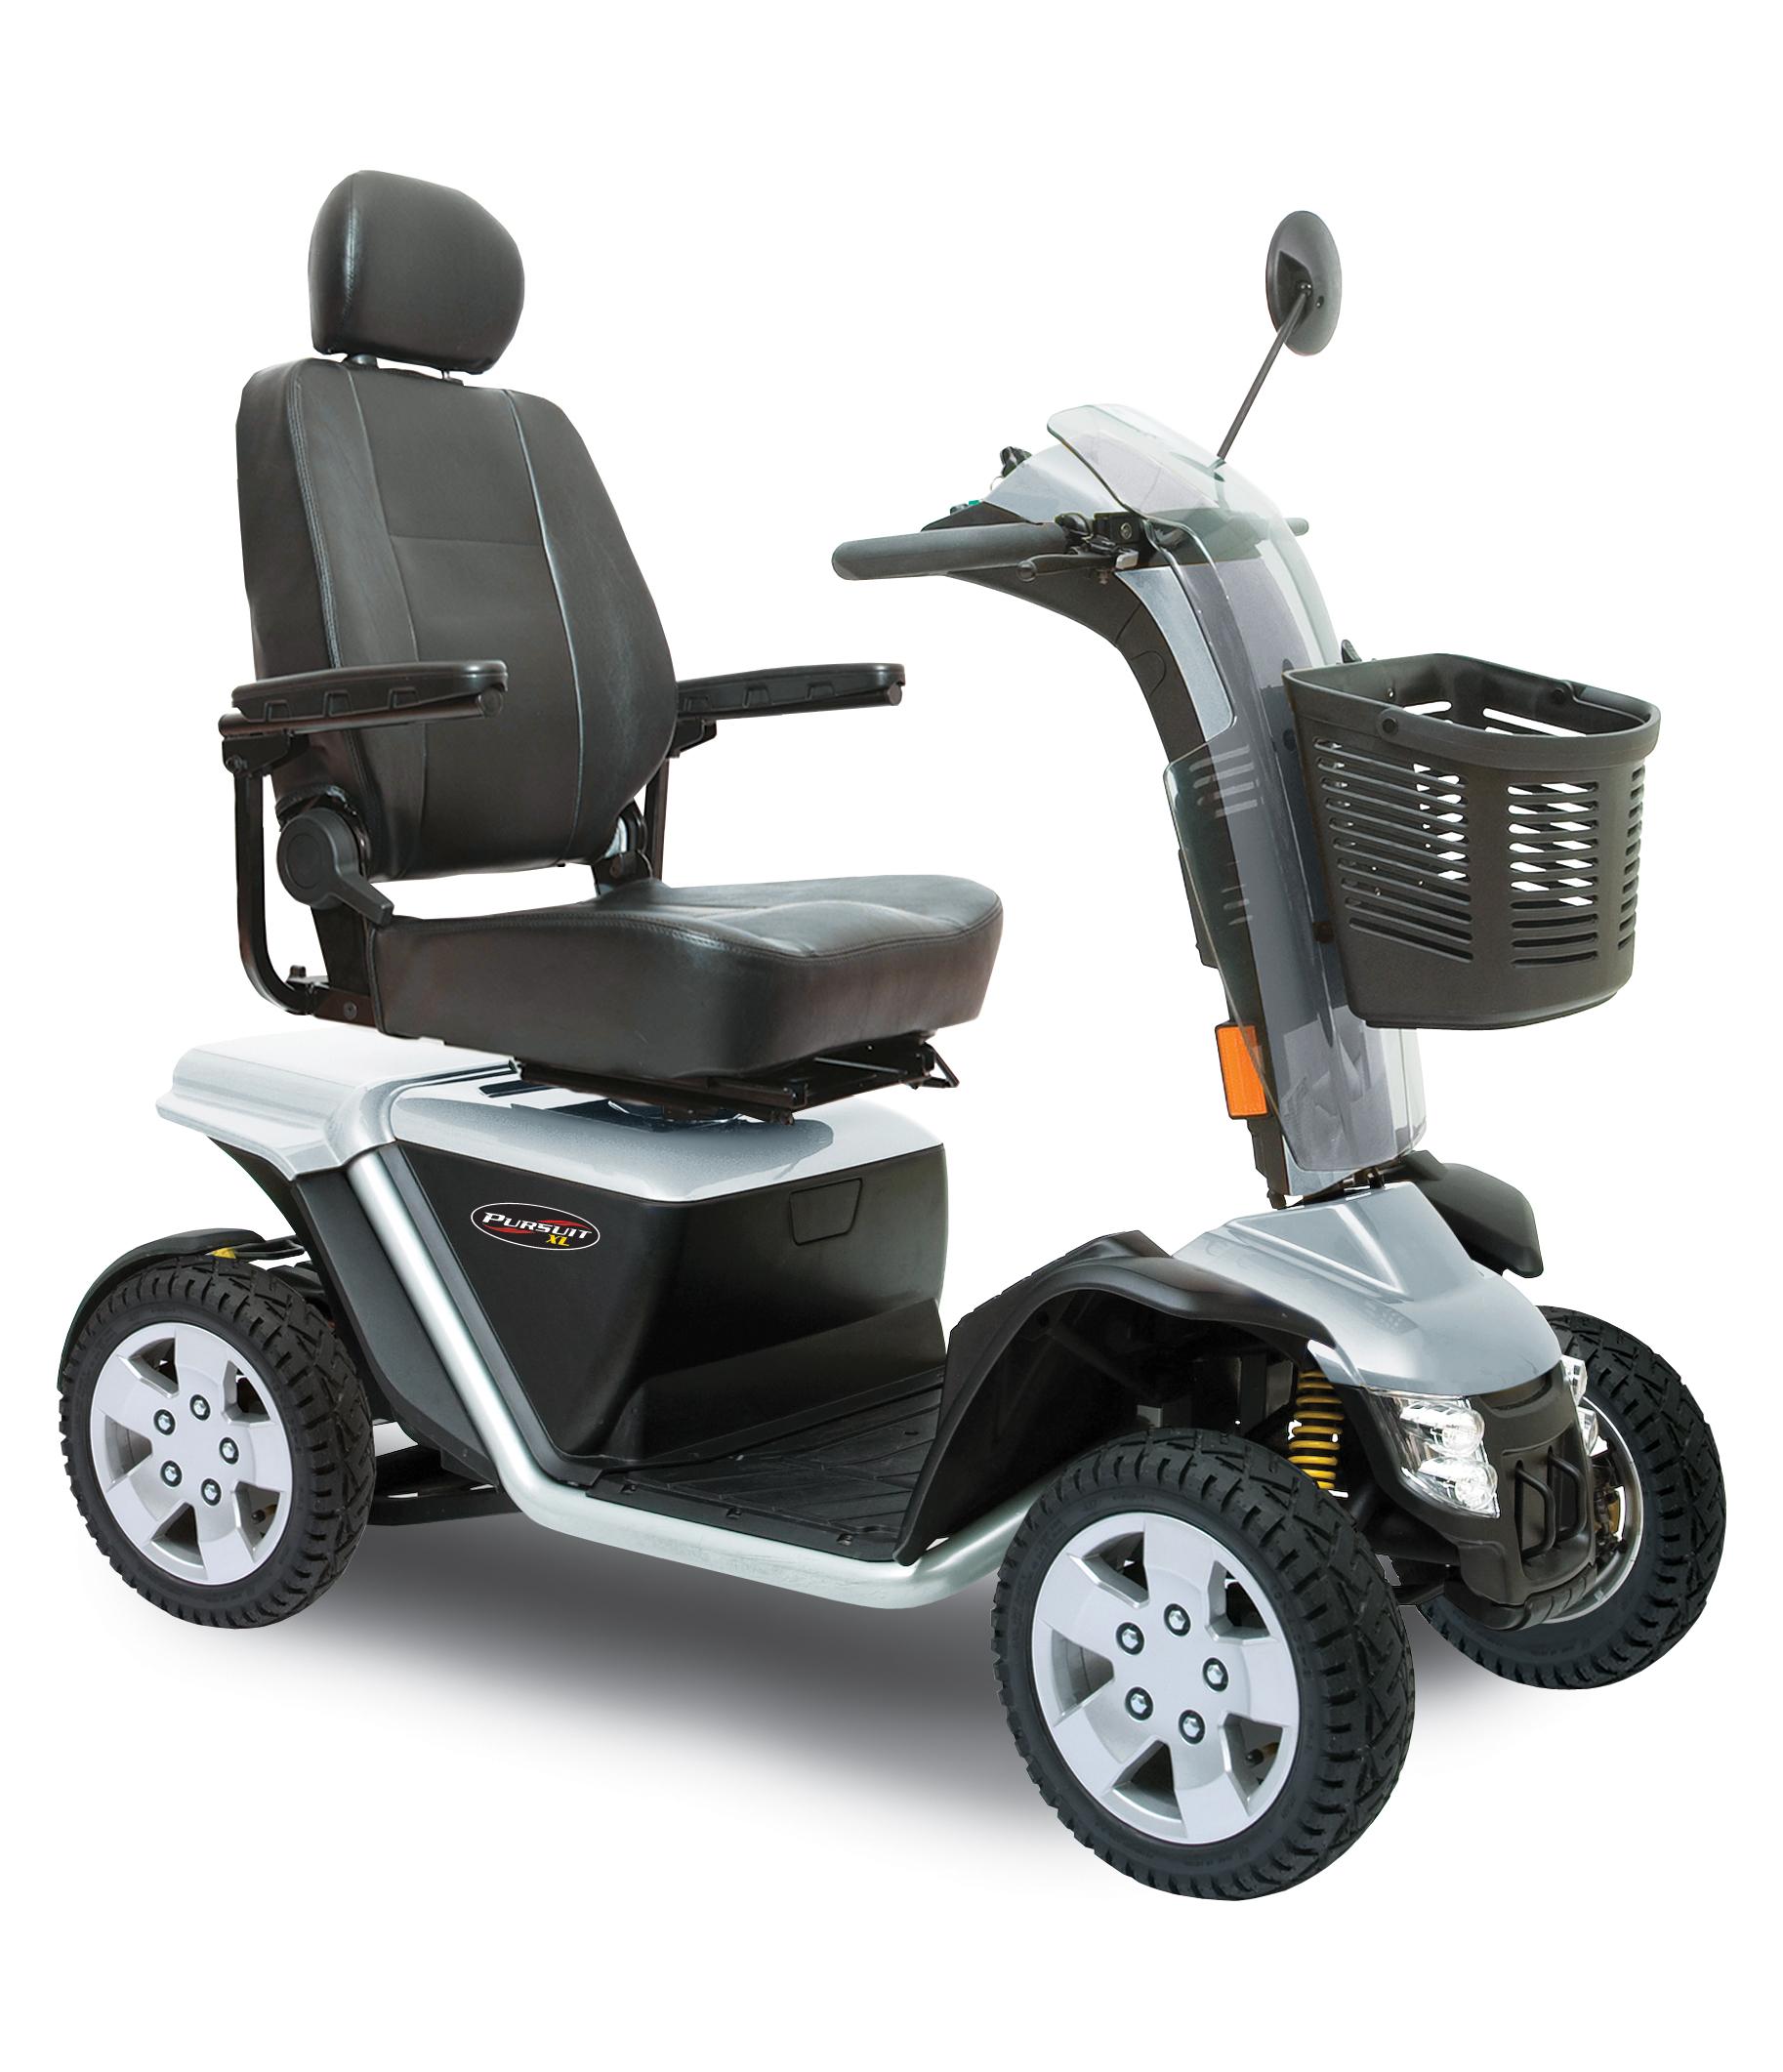 Pursuit XL Performance Scooter